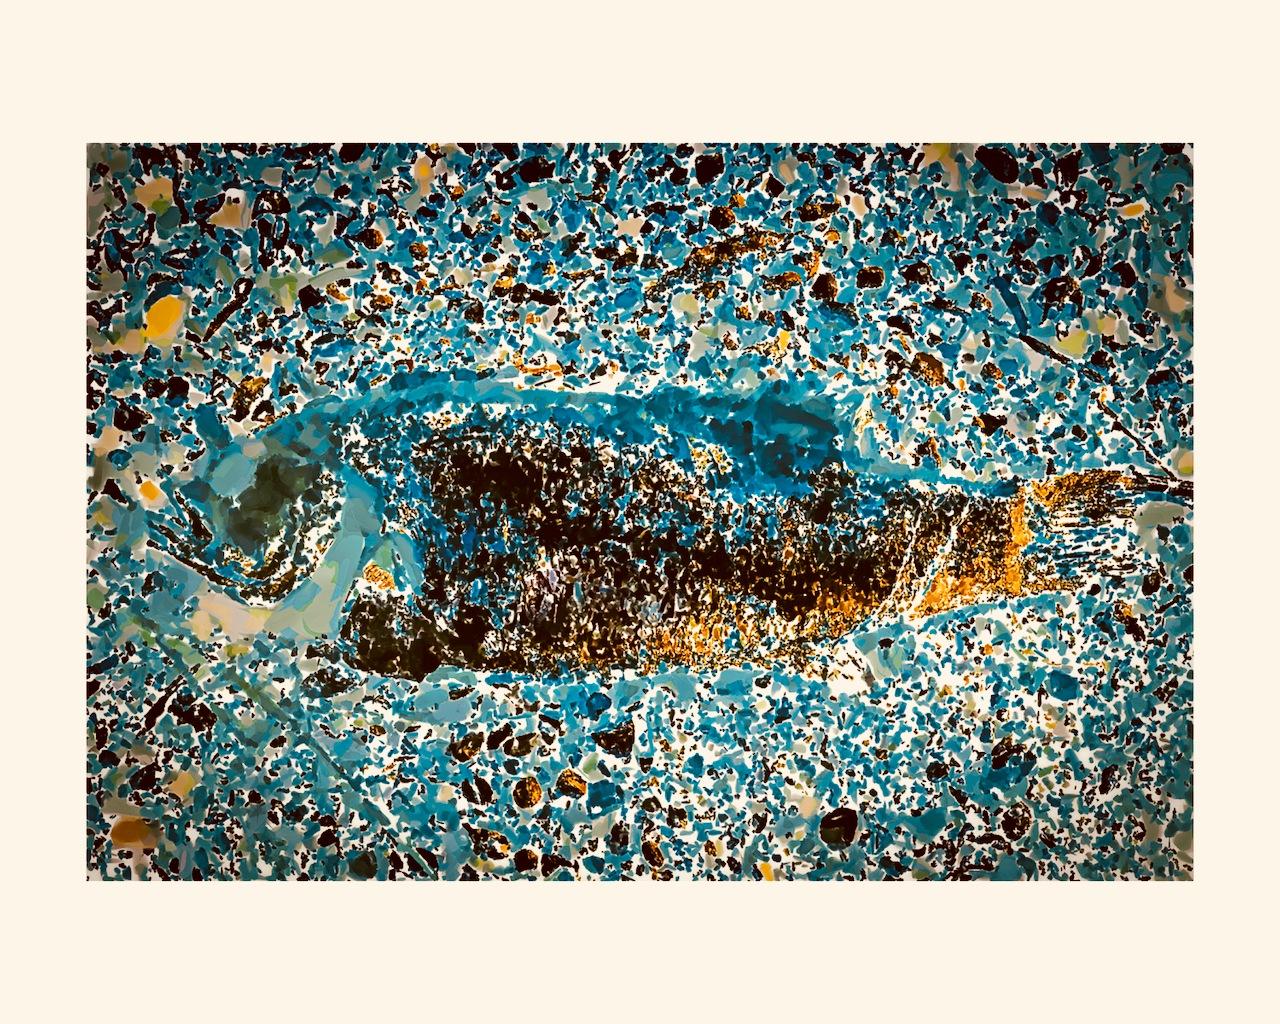 Something Fishy by jhulton